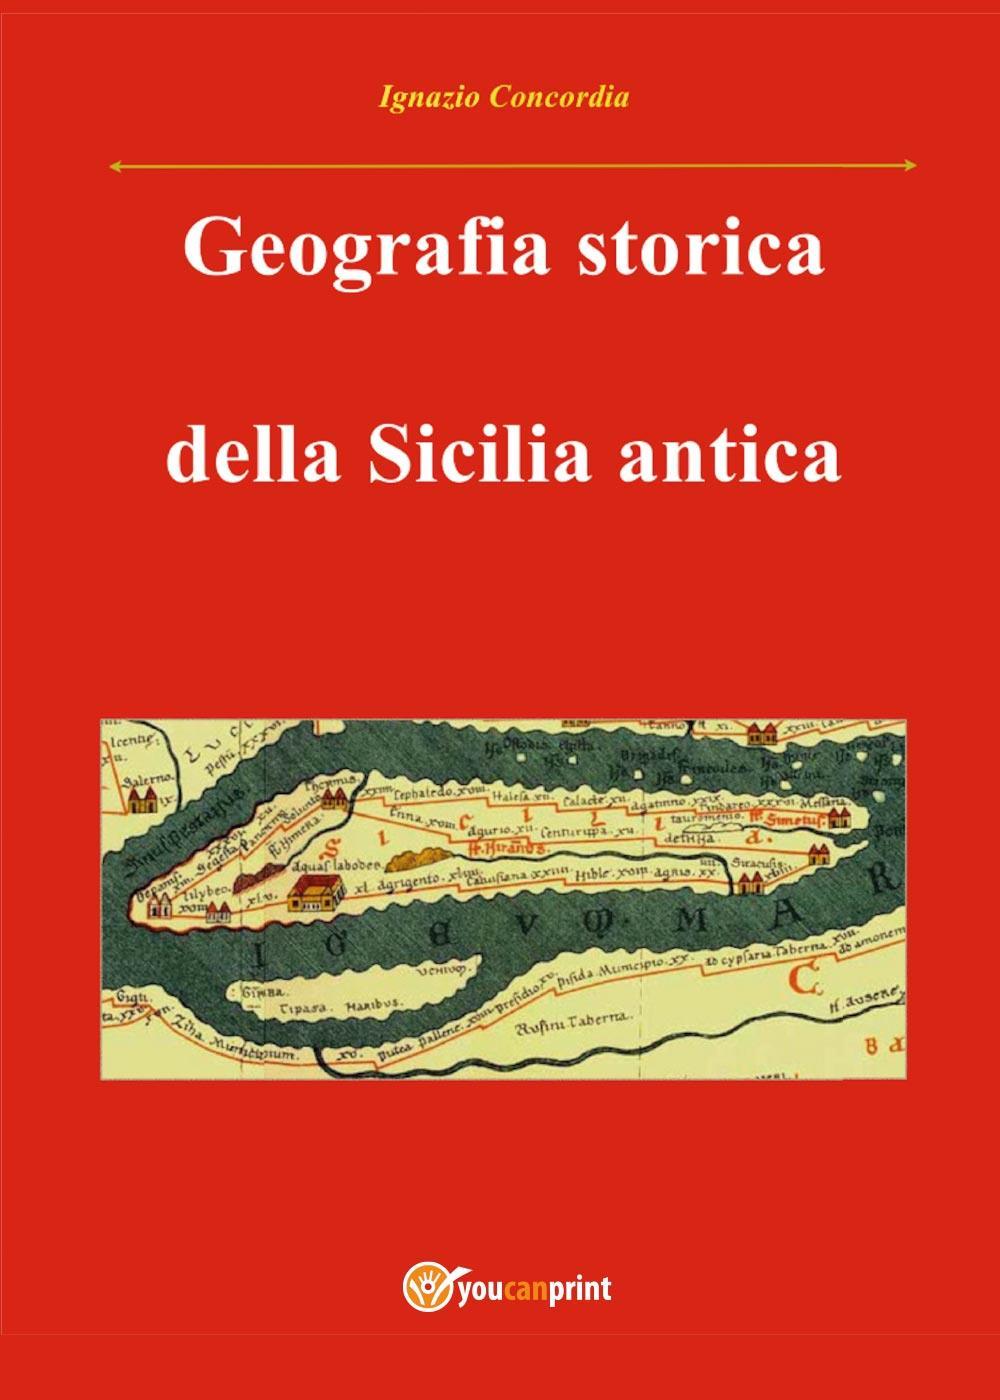 Geografia storica della Sicilia antica